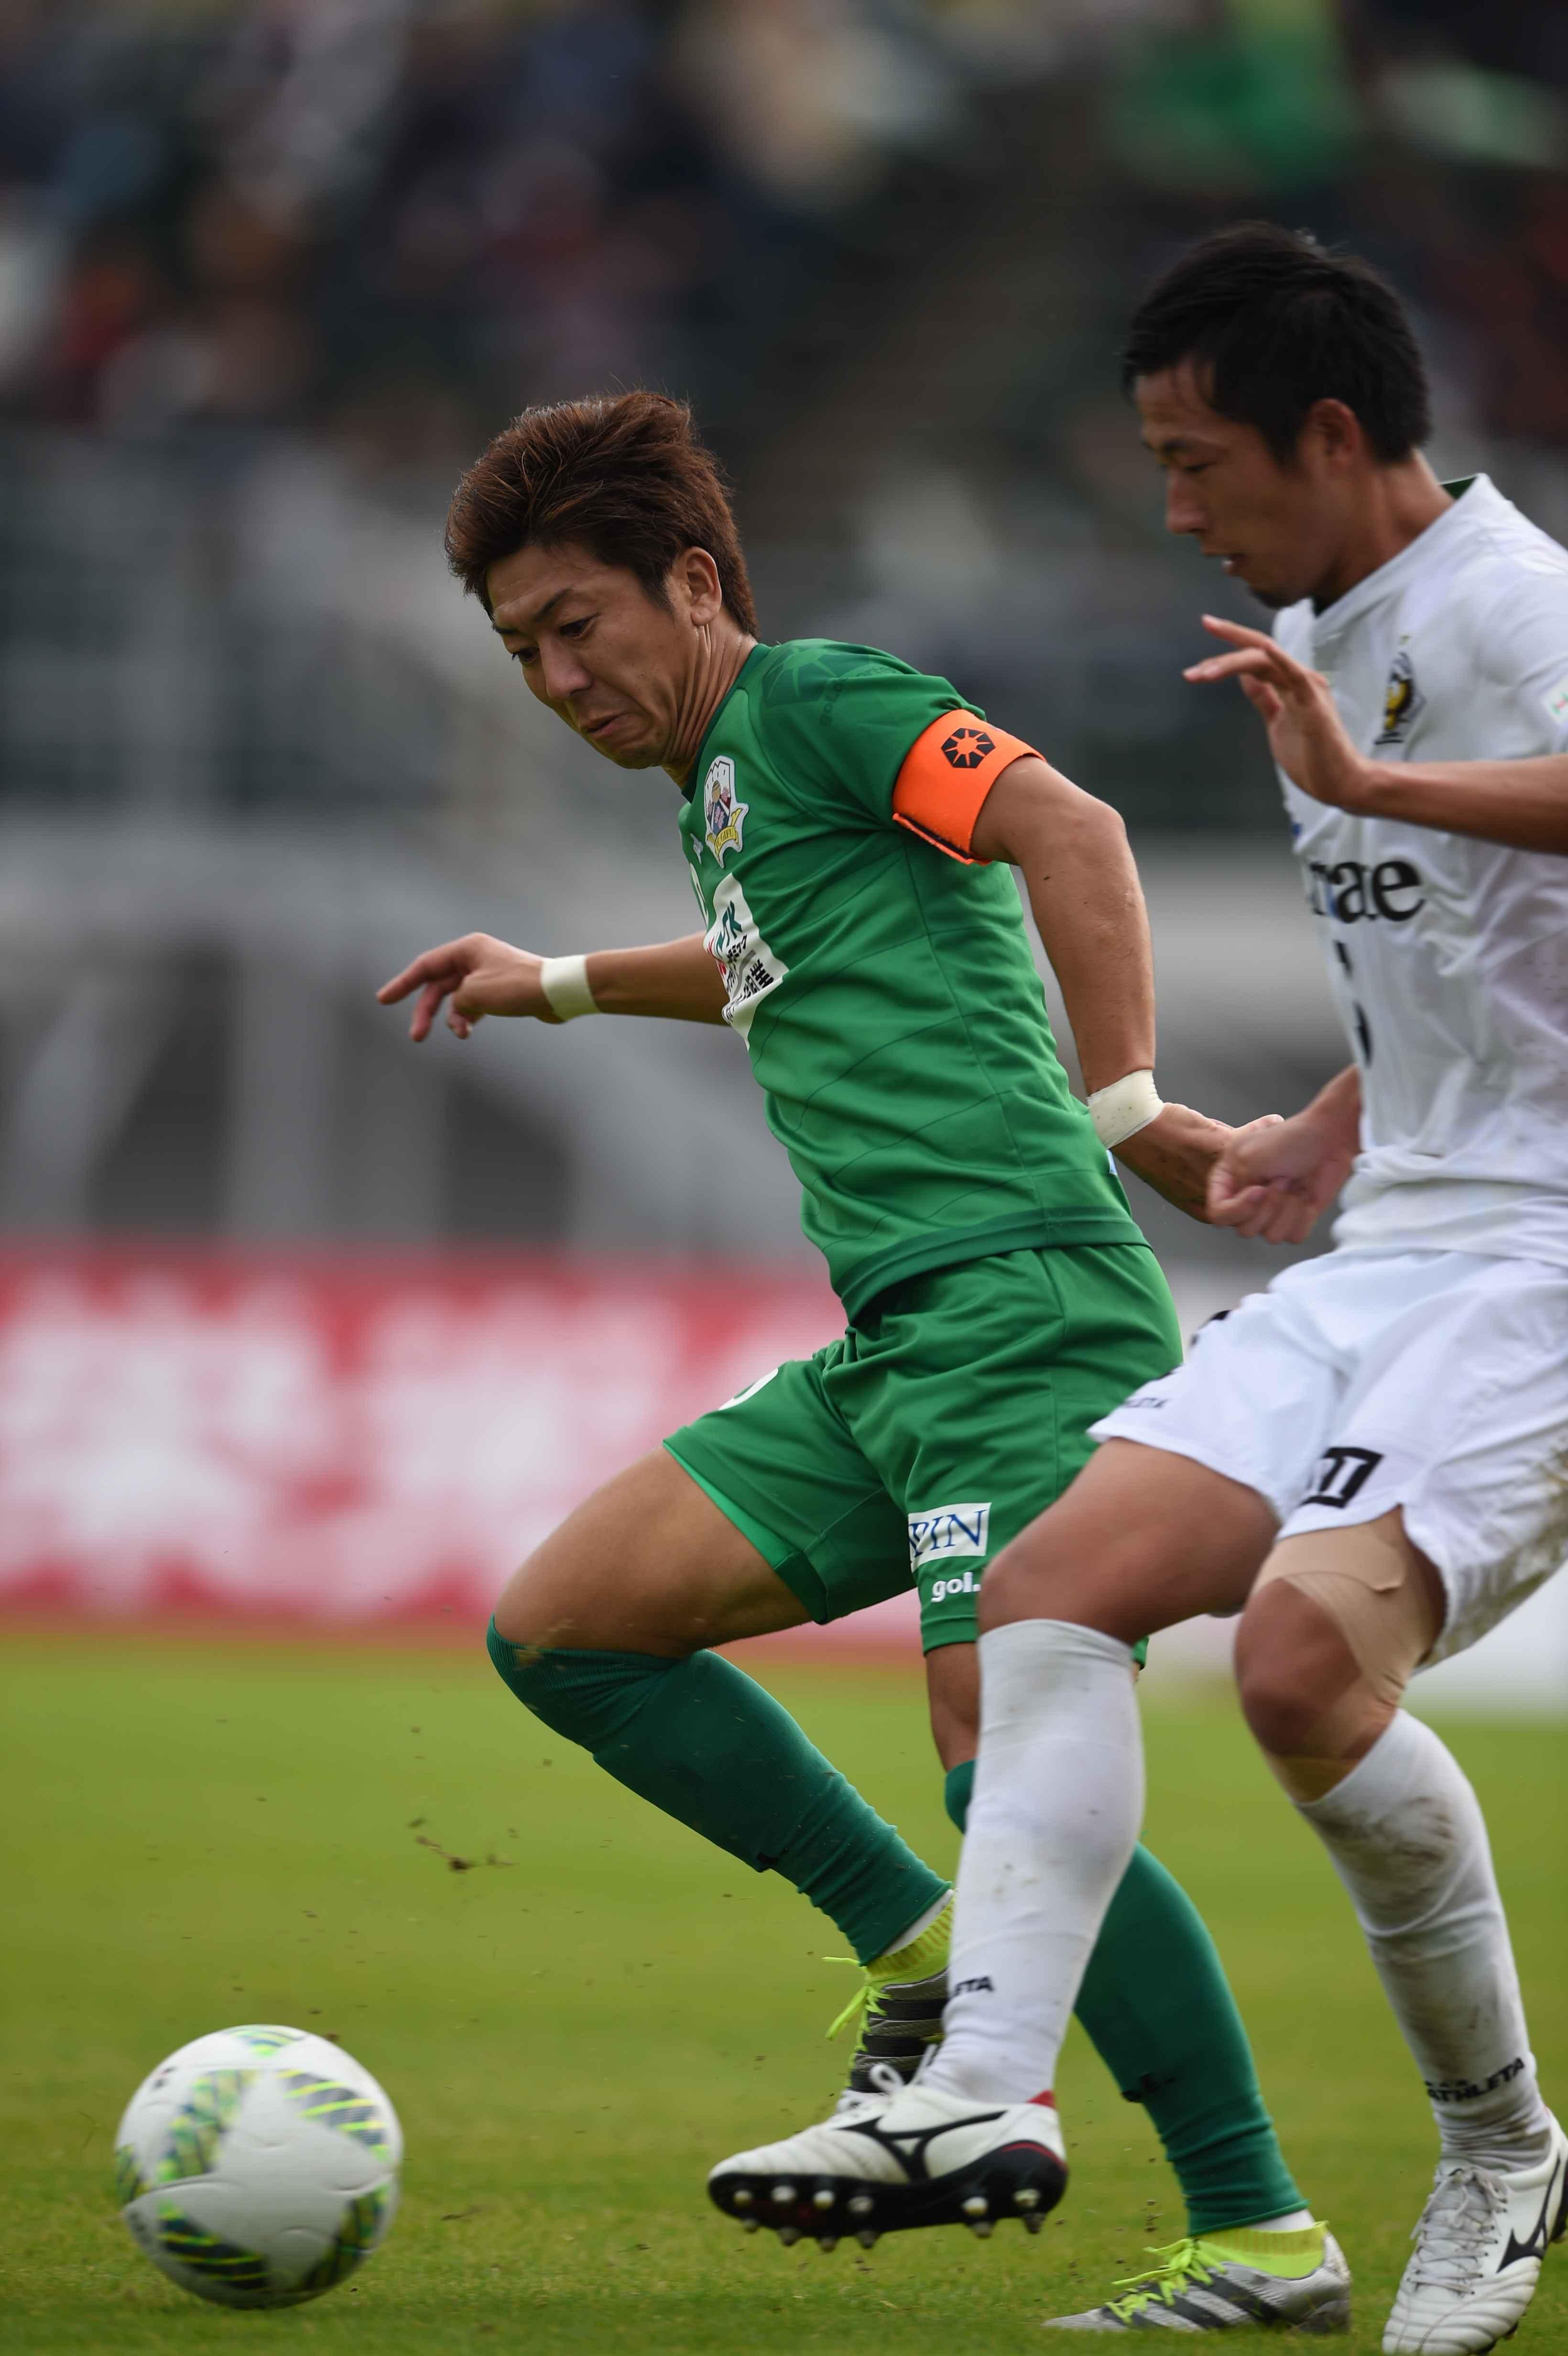 FC岐阜_東京V_Kaz_D1_0652